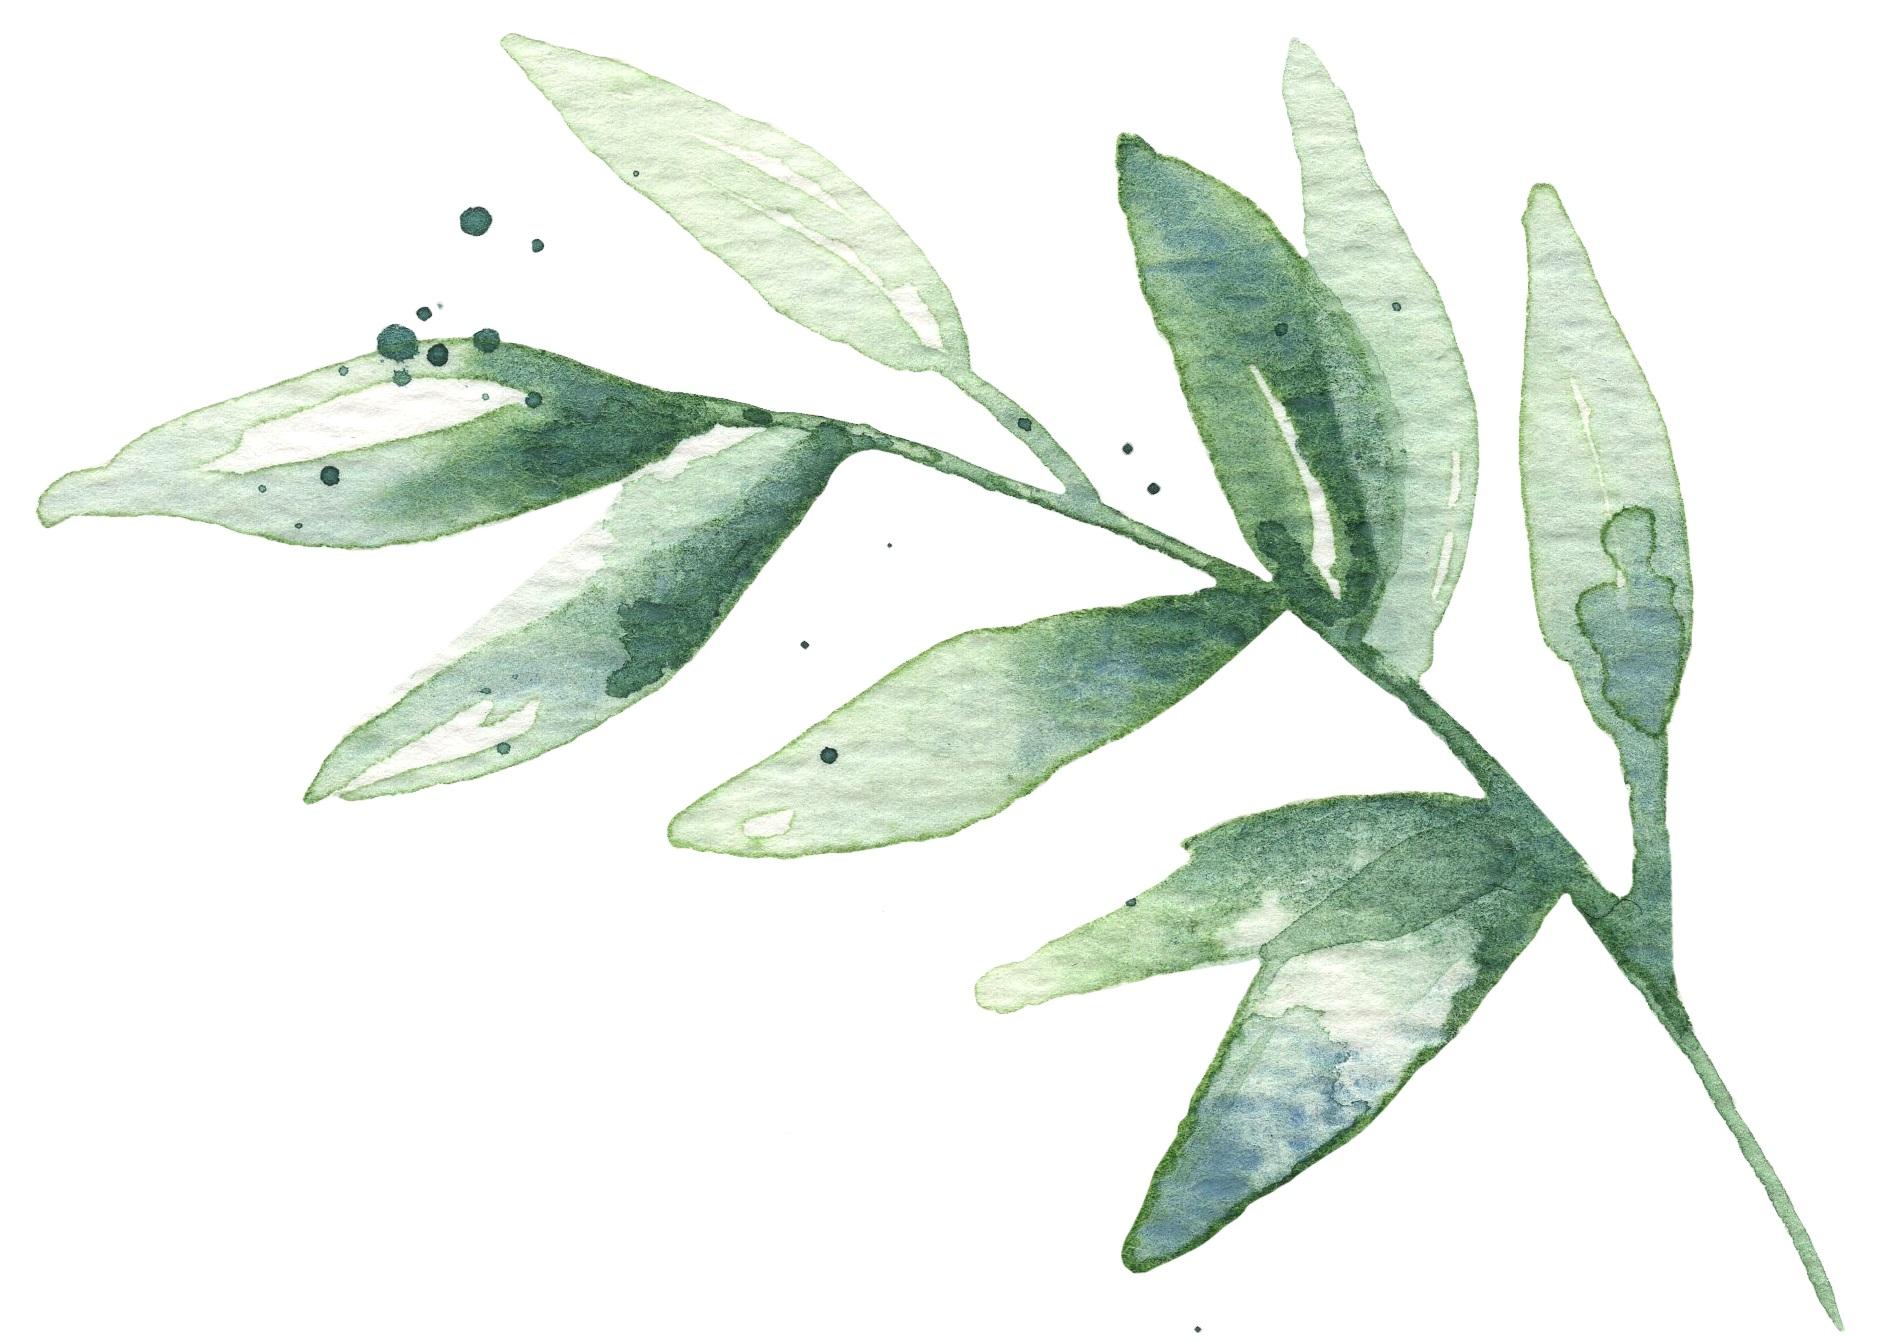 watercolor_leaves_02+copy.jpg